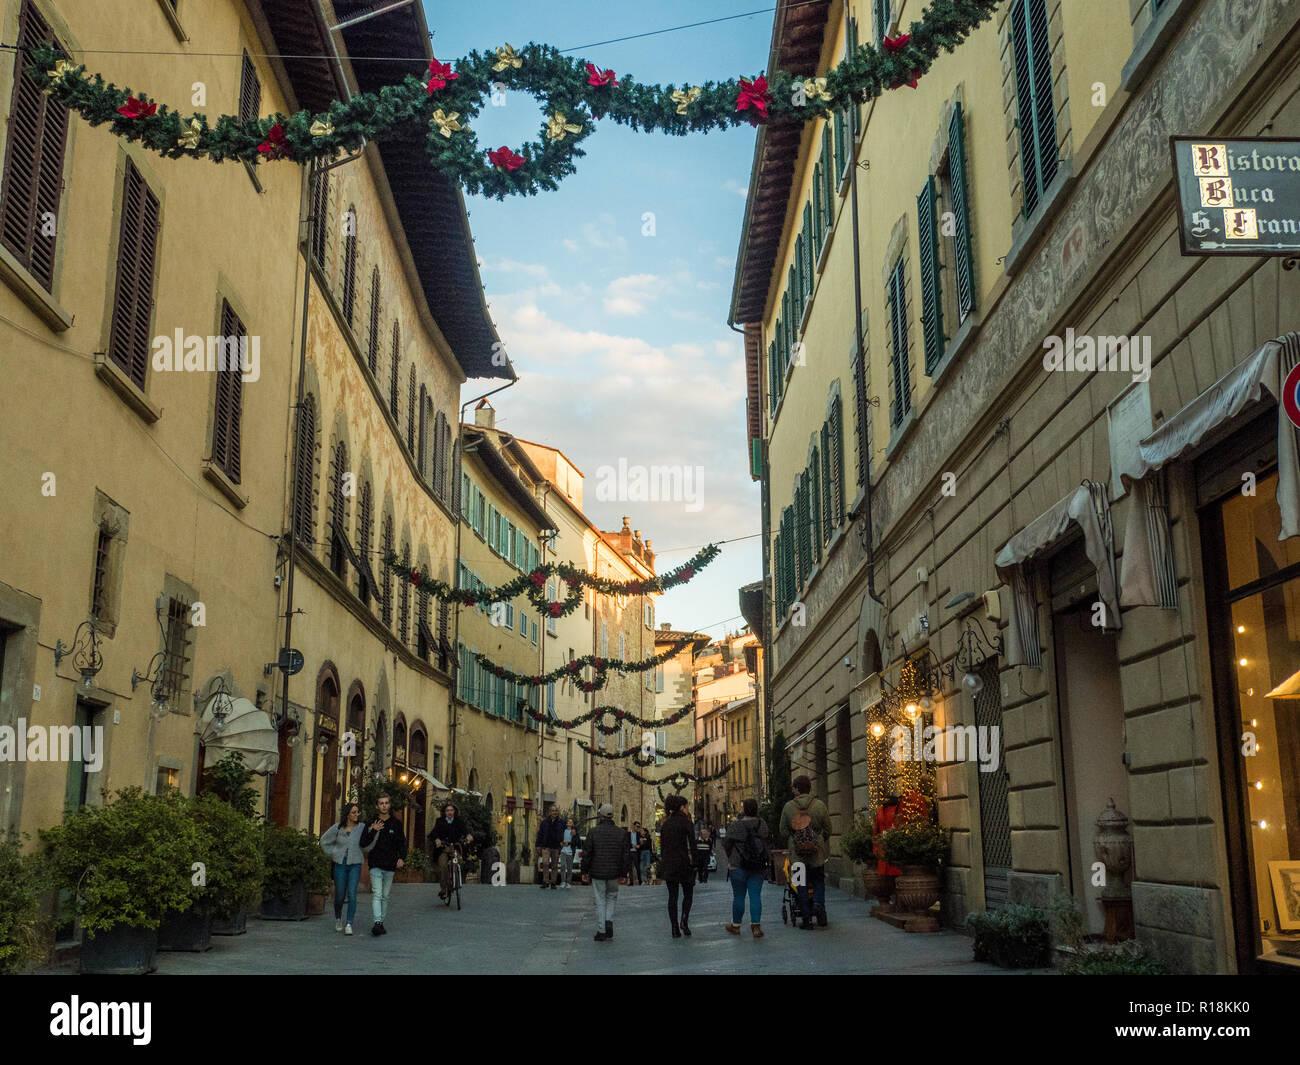 Calle 'Corsa Italia' en el tiempo de Navidad en la ciudad de Arezzo, Toscana, Italia Imagen De Stock